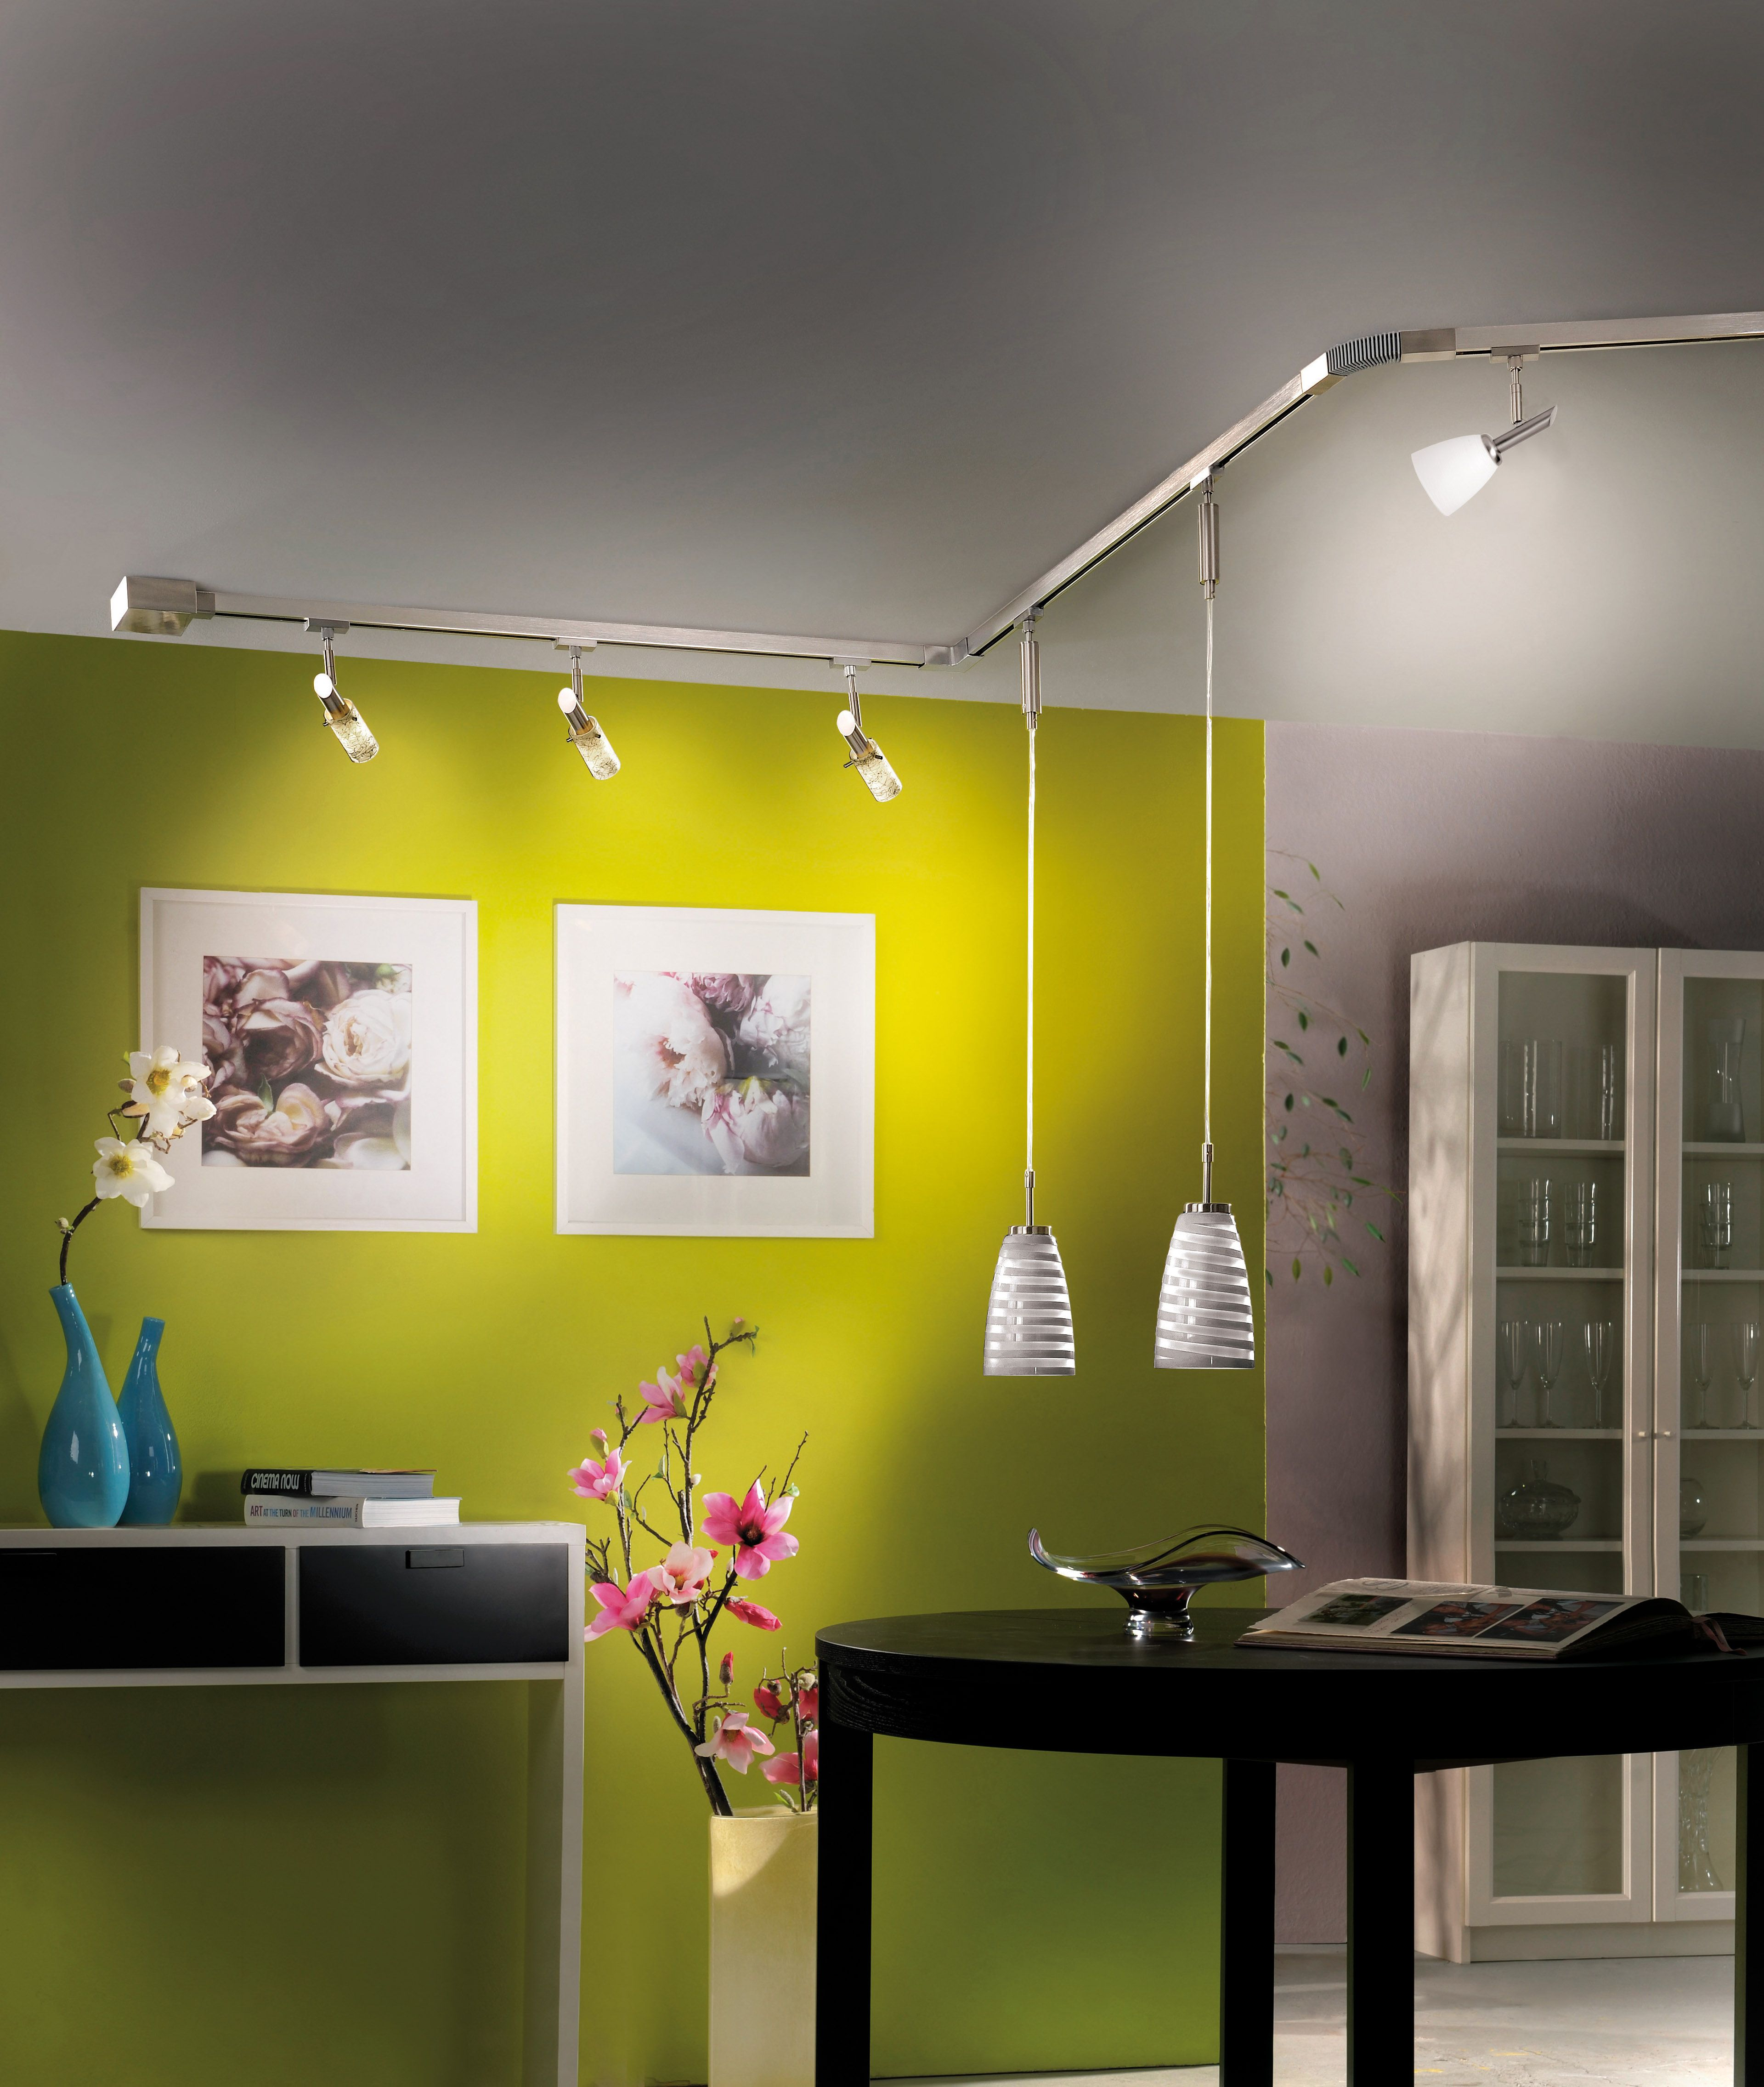 ein schienensystem mit dem gutes licht fahrt aufnimmt haus pinterest schienensysteme. Black Bedroom Furniture Sets. Home Design Ideas